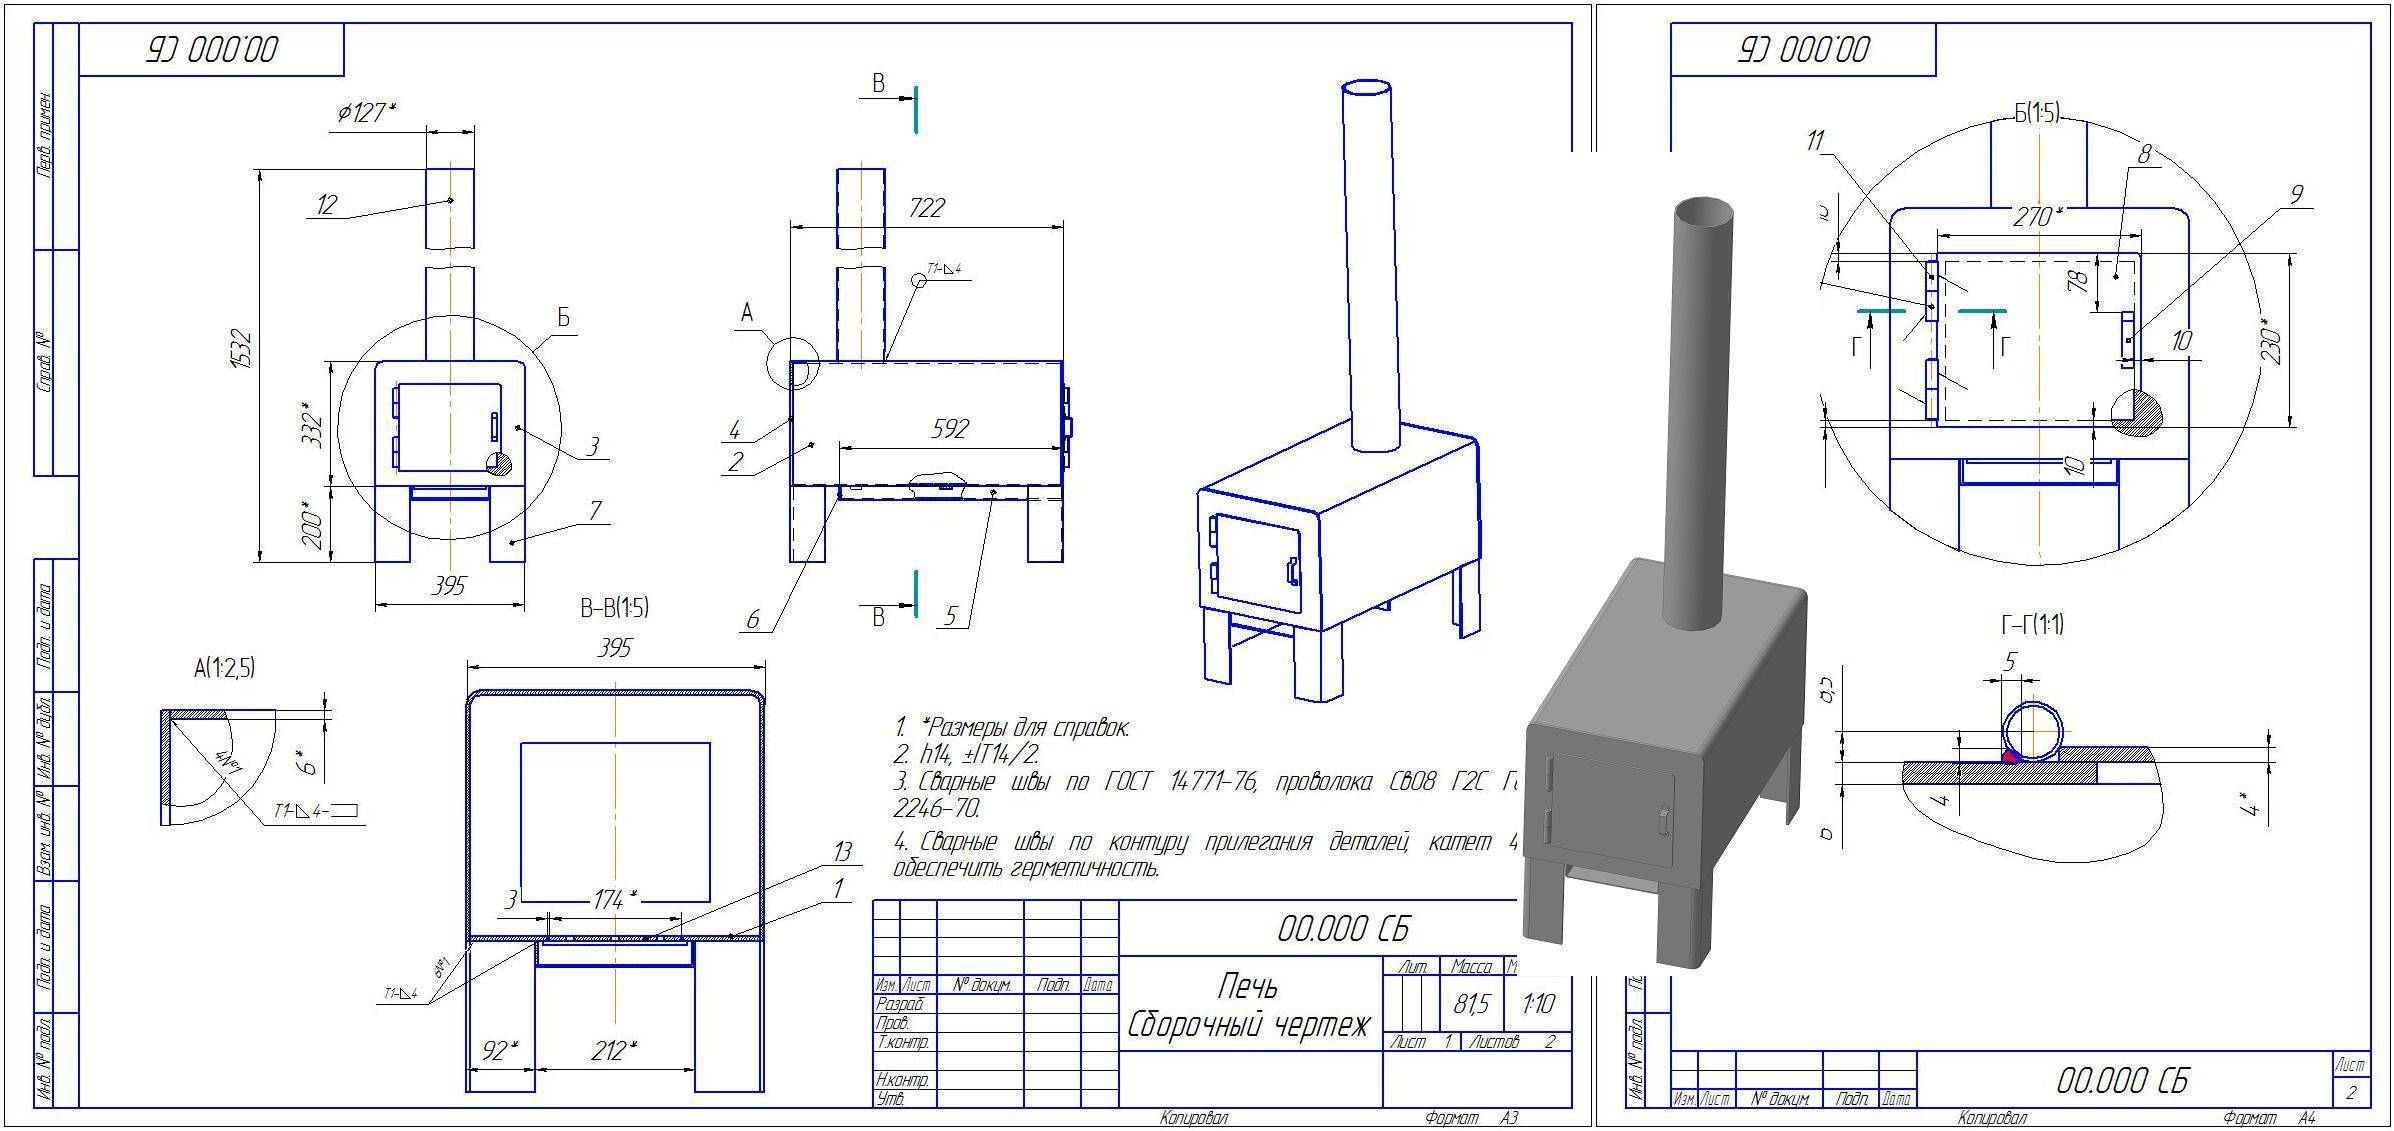 Конструкция печи для бани из металла: устройство и расчет мощности